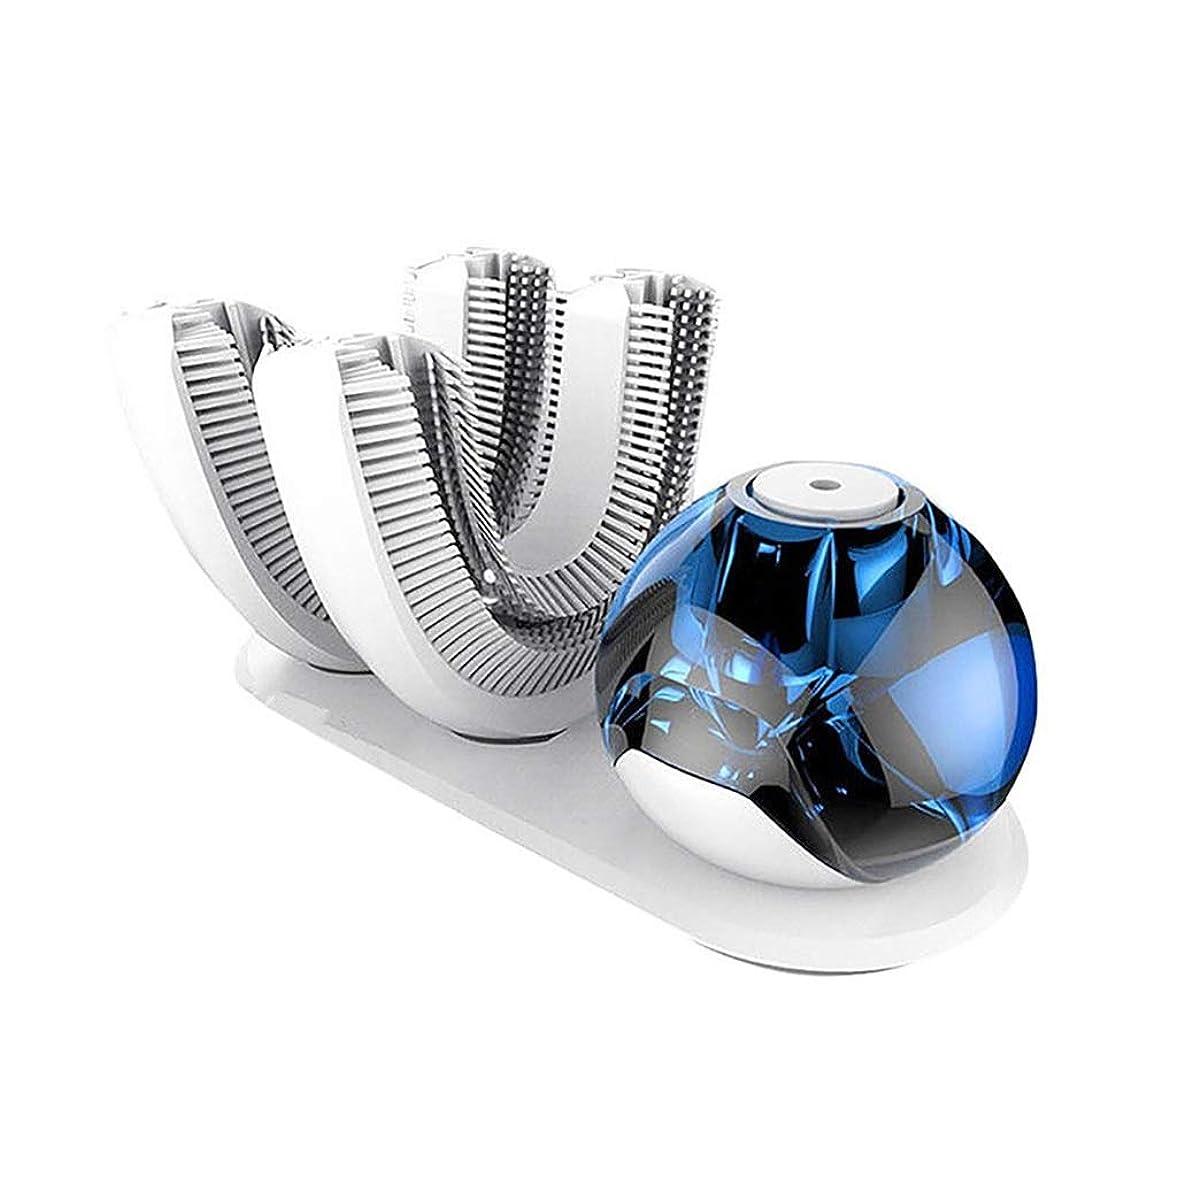 推定する未亡人資格情報全自動電気サブブラシ、U型LED歯のホワイトニングアクセラレータ無料あなたの手の自動クリーニングタイミング歯IPX7の防水食品グレードシリコンブラシヘッド